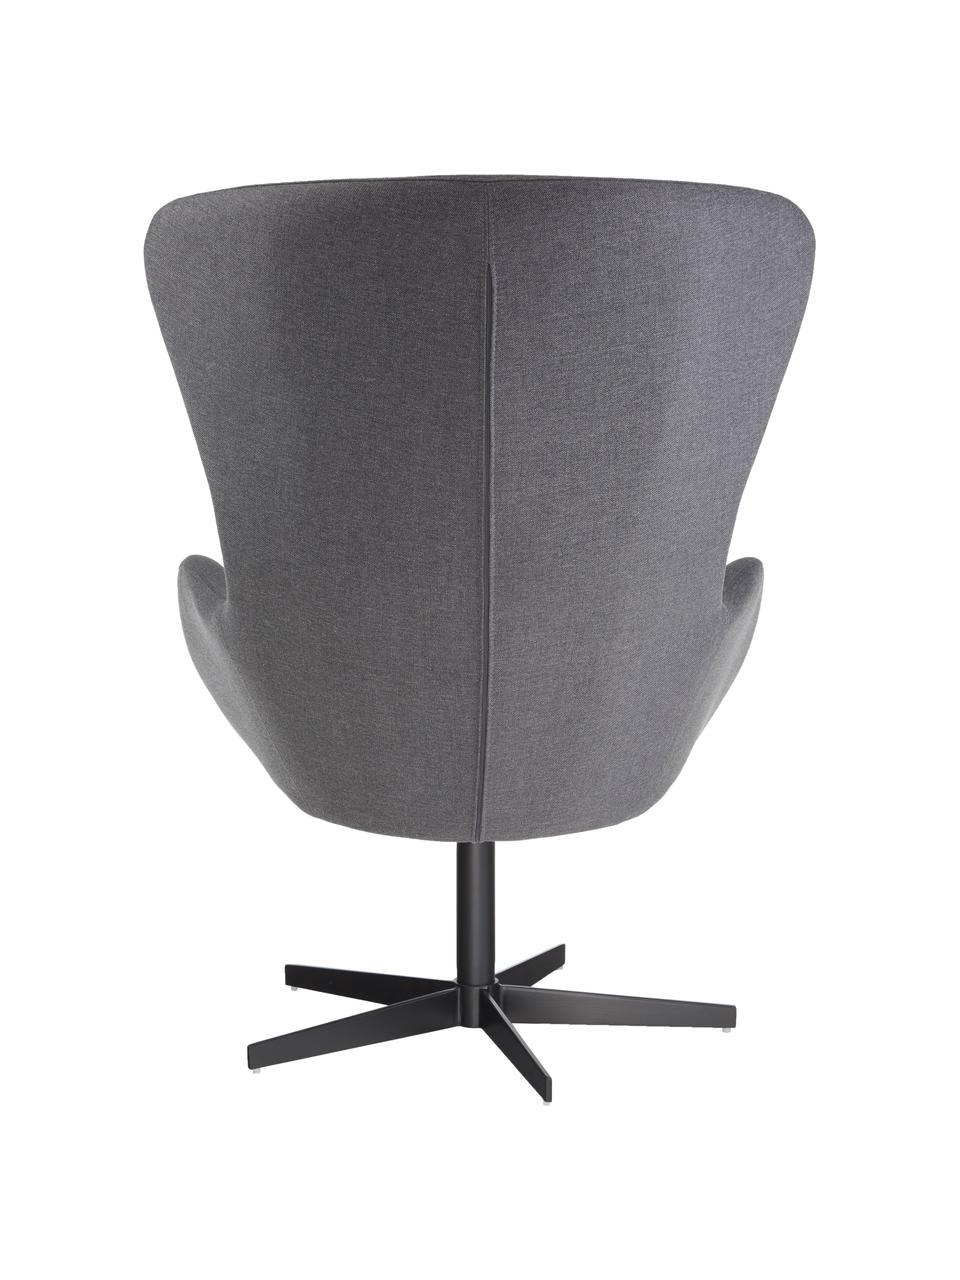 Fotel uszak Wing, Tapicerka: 93% poliester, 5% bawełna, Nogi: metal malowany proszkowo, Szary, S 76 x G 77 cm